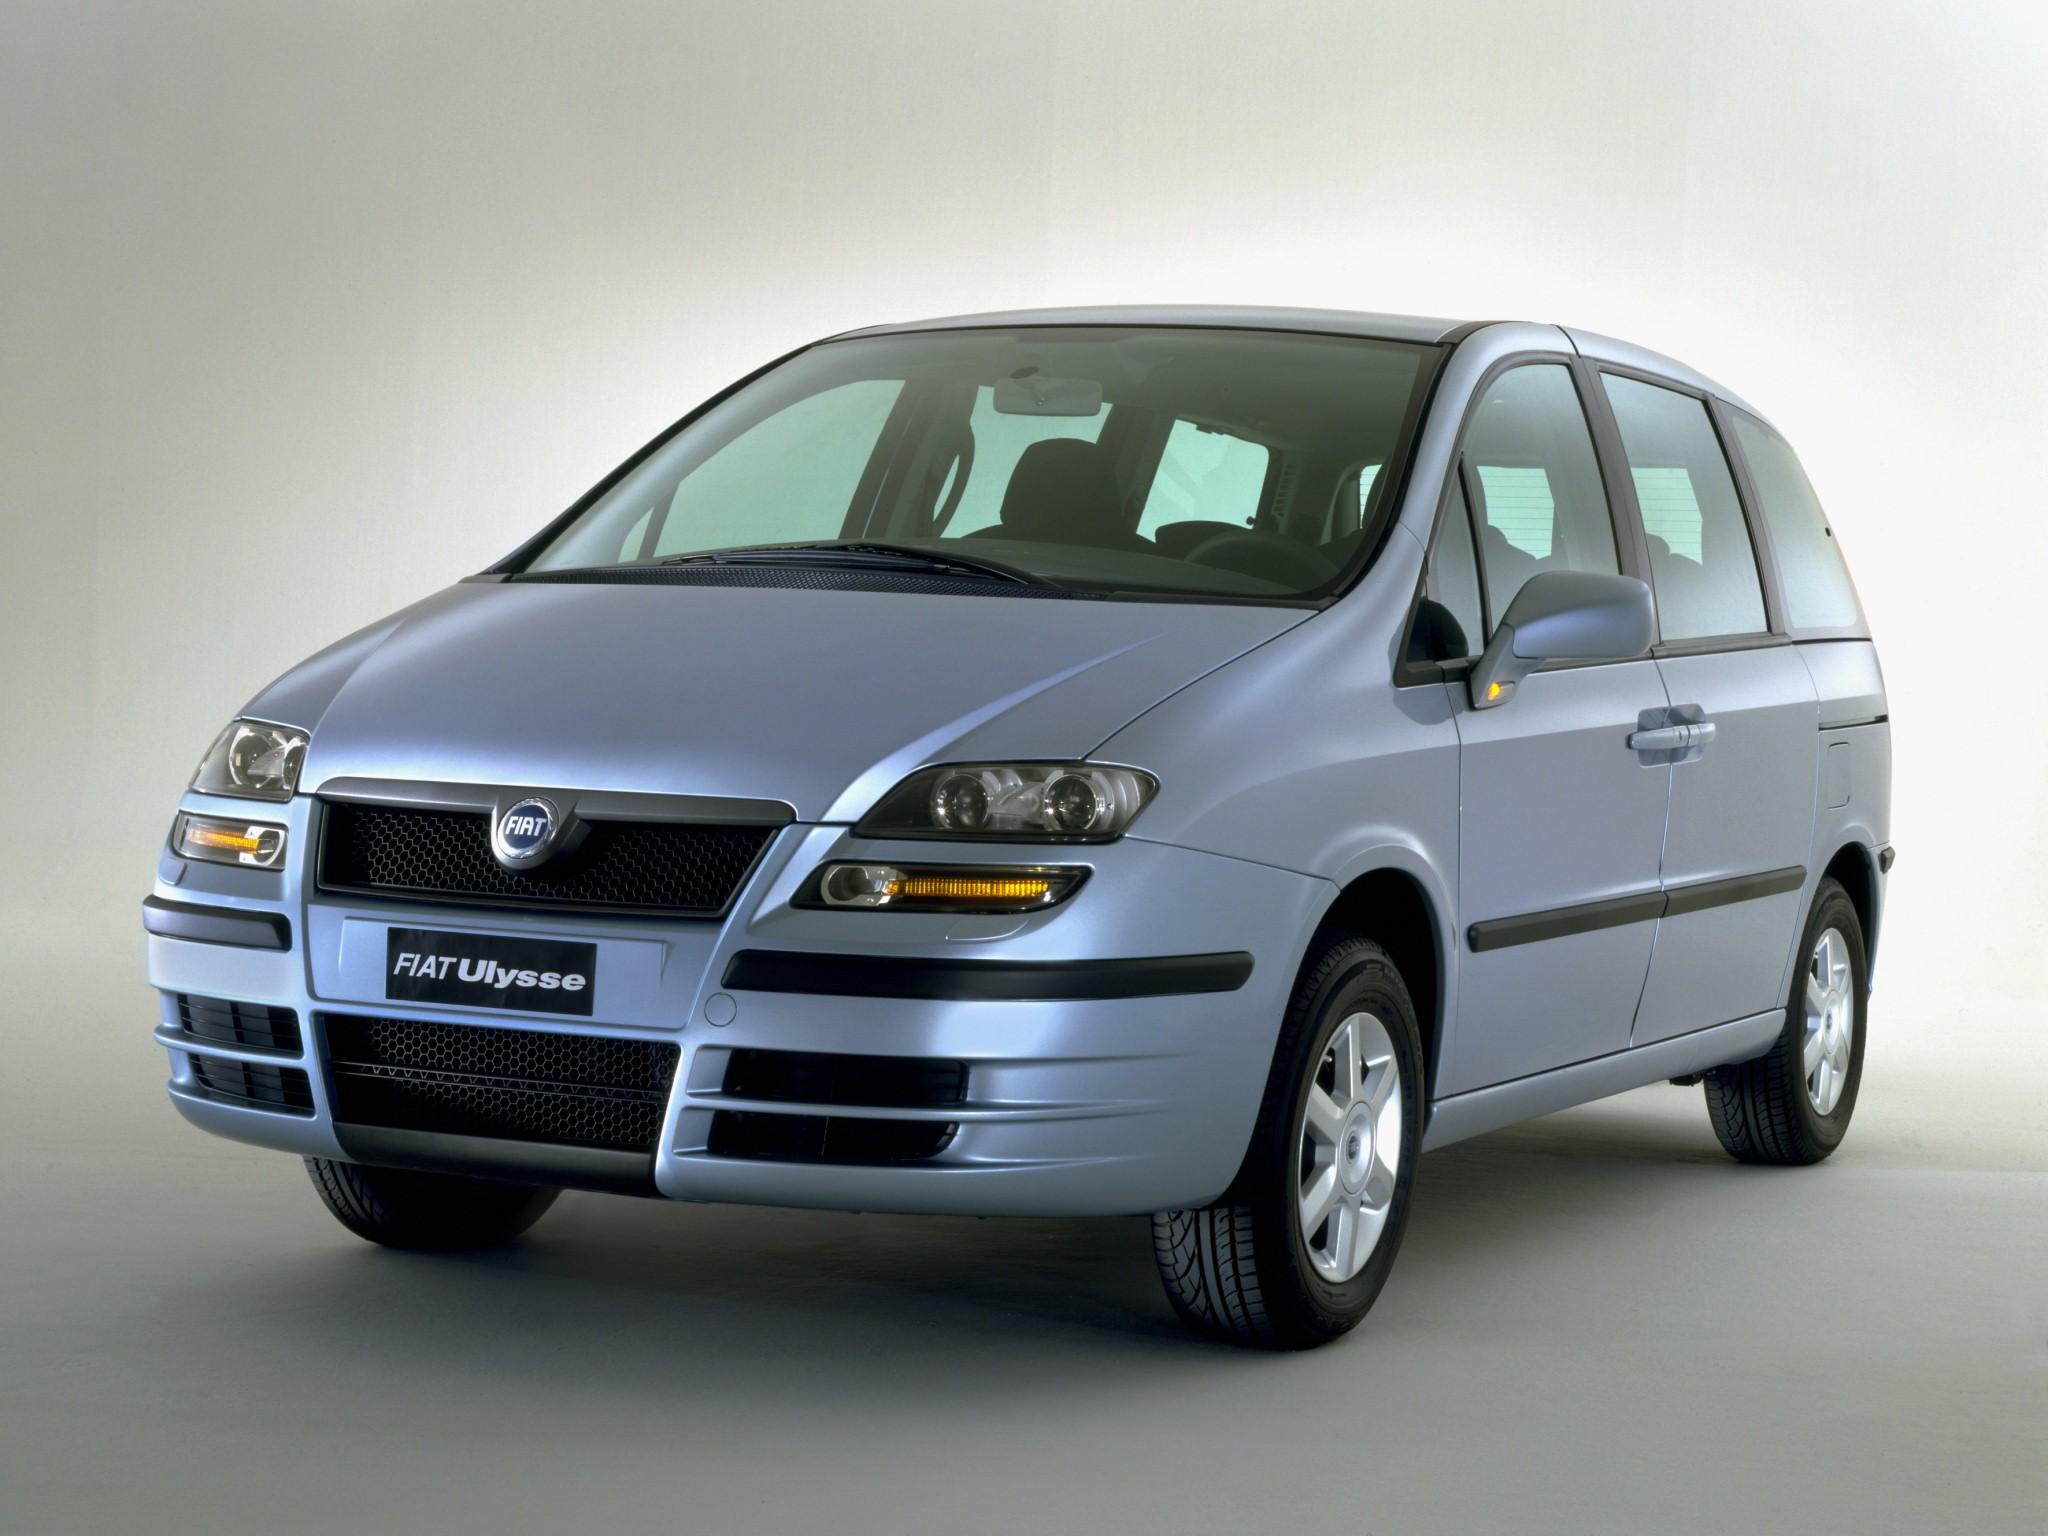 2002 Fiat Ulysse